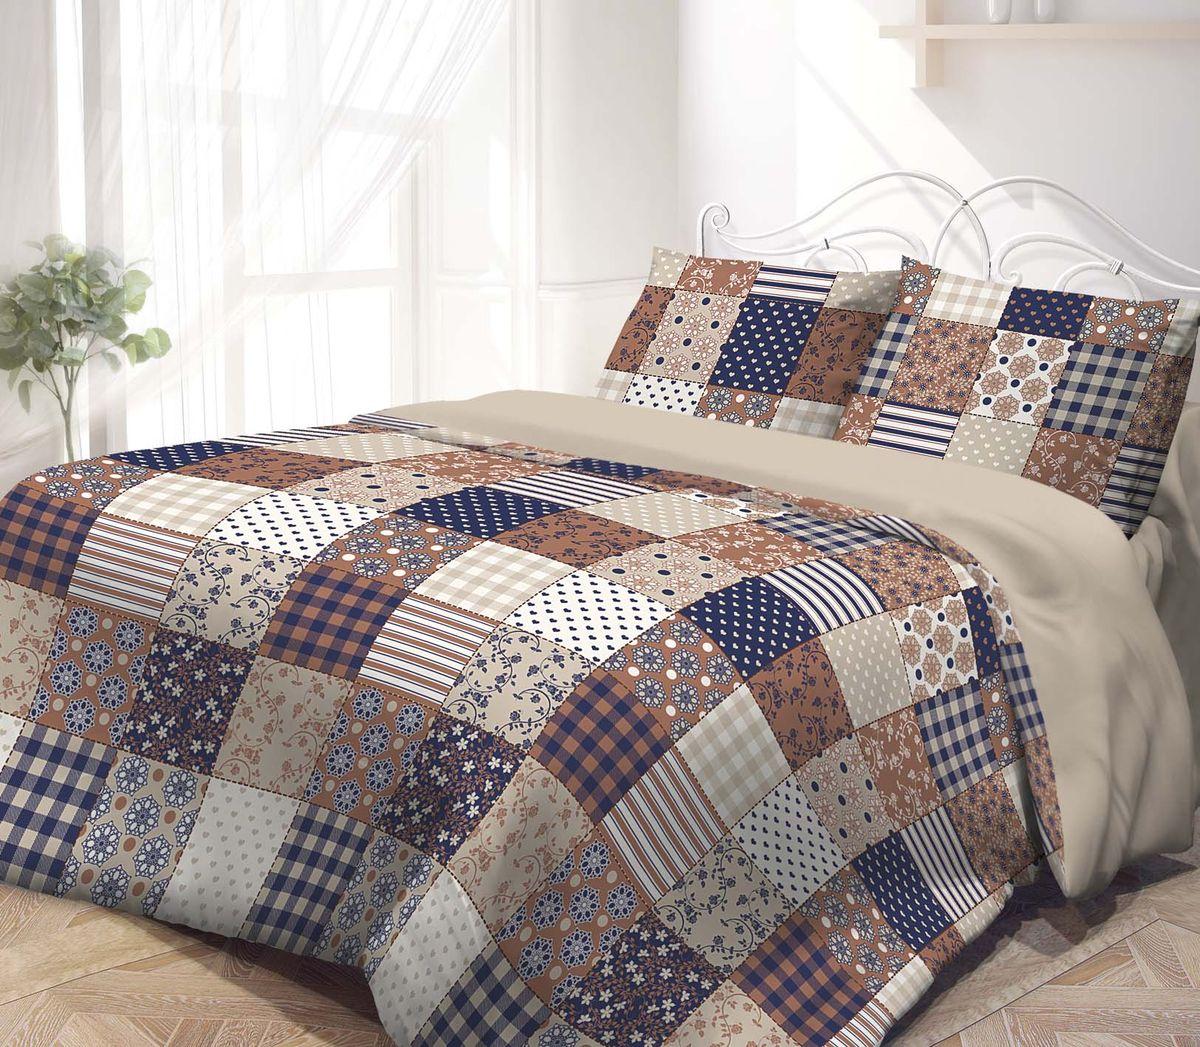 Комплект белья Гармония, 2-спальный, наволочки 50х70, цвет: синий, коричневый193254Комплект постельного белья Гармония является экологически безопасным, так как выполнен из поплина (100% хлопка). Комплект состоит из пододеяльника, простыни и двух наволочек. Постельное белье оформлено орнаментом в клетку и имеет изысканный внешний вид. Постельное белье Гармония - лучший выбор для современной хозяйки! Его отличают демократичная цена и отличное качество. Поплин мягкий и приятный на ощупь. Кроме того, эта ткань не требует особого ухода, легко стирается и прекрасно держит форму. Высококачественные красители, которые используются при производстве постельного белья, сохраняют свой цвет даже после многочисленных стирок.